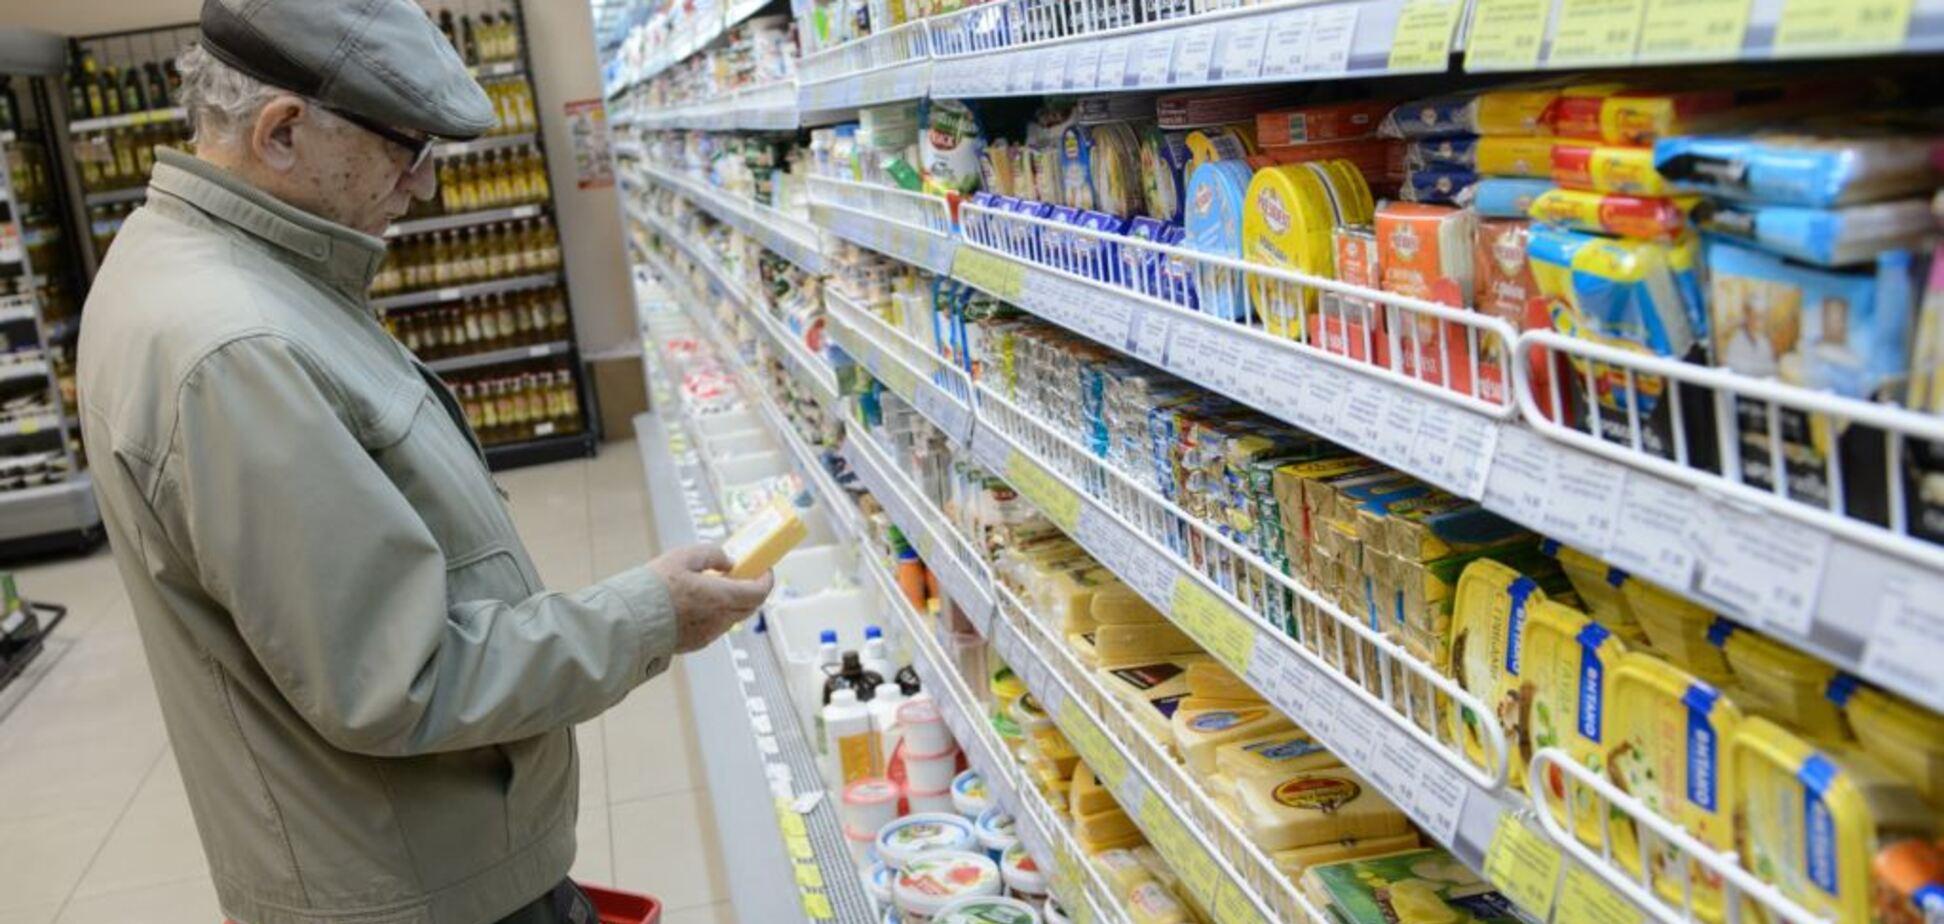 'Плесень для аромата': в сети показали, чем известный гипермаркет кормит крымчан